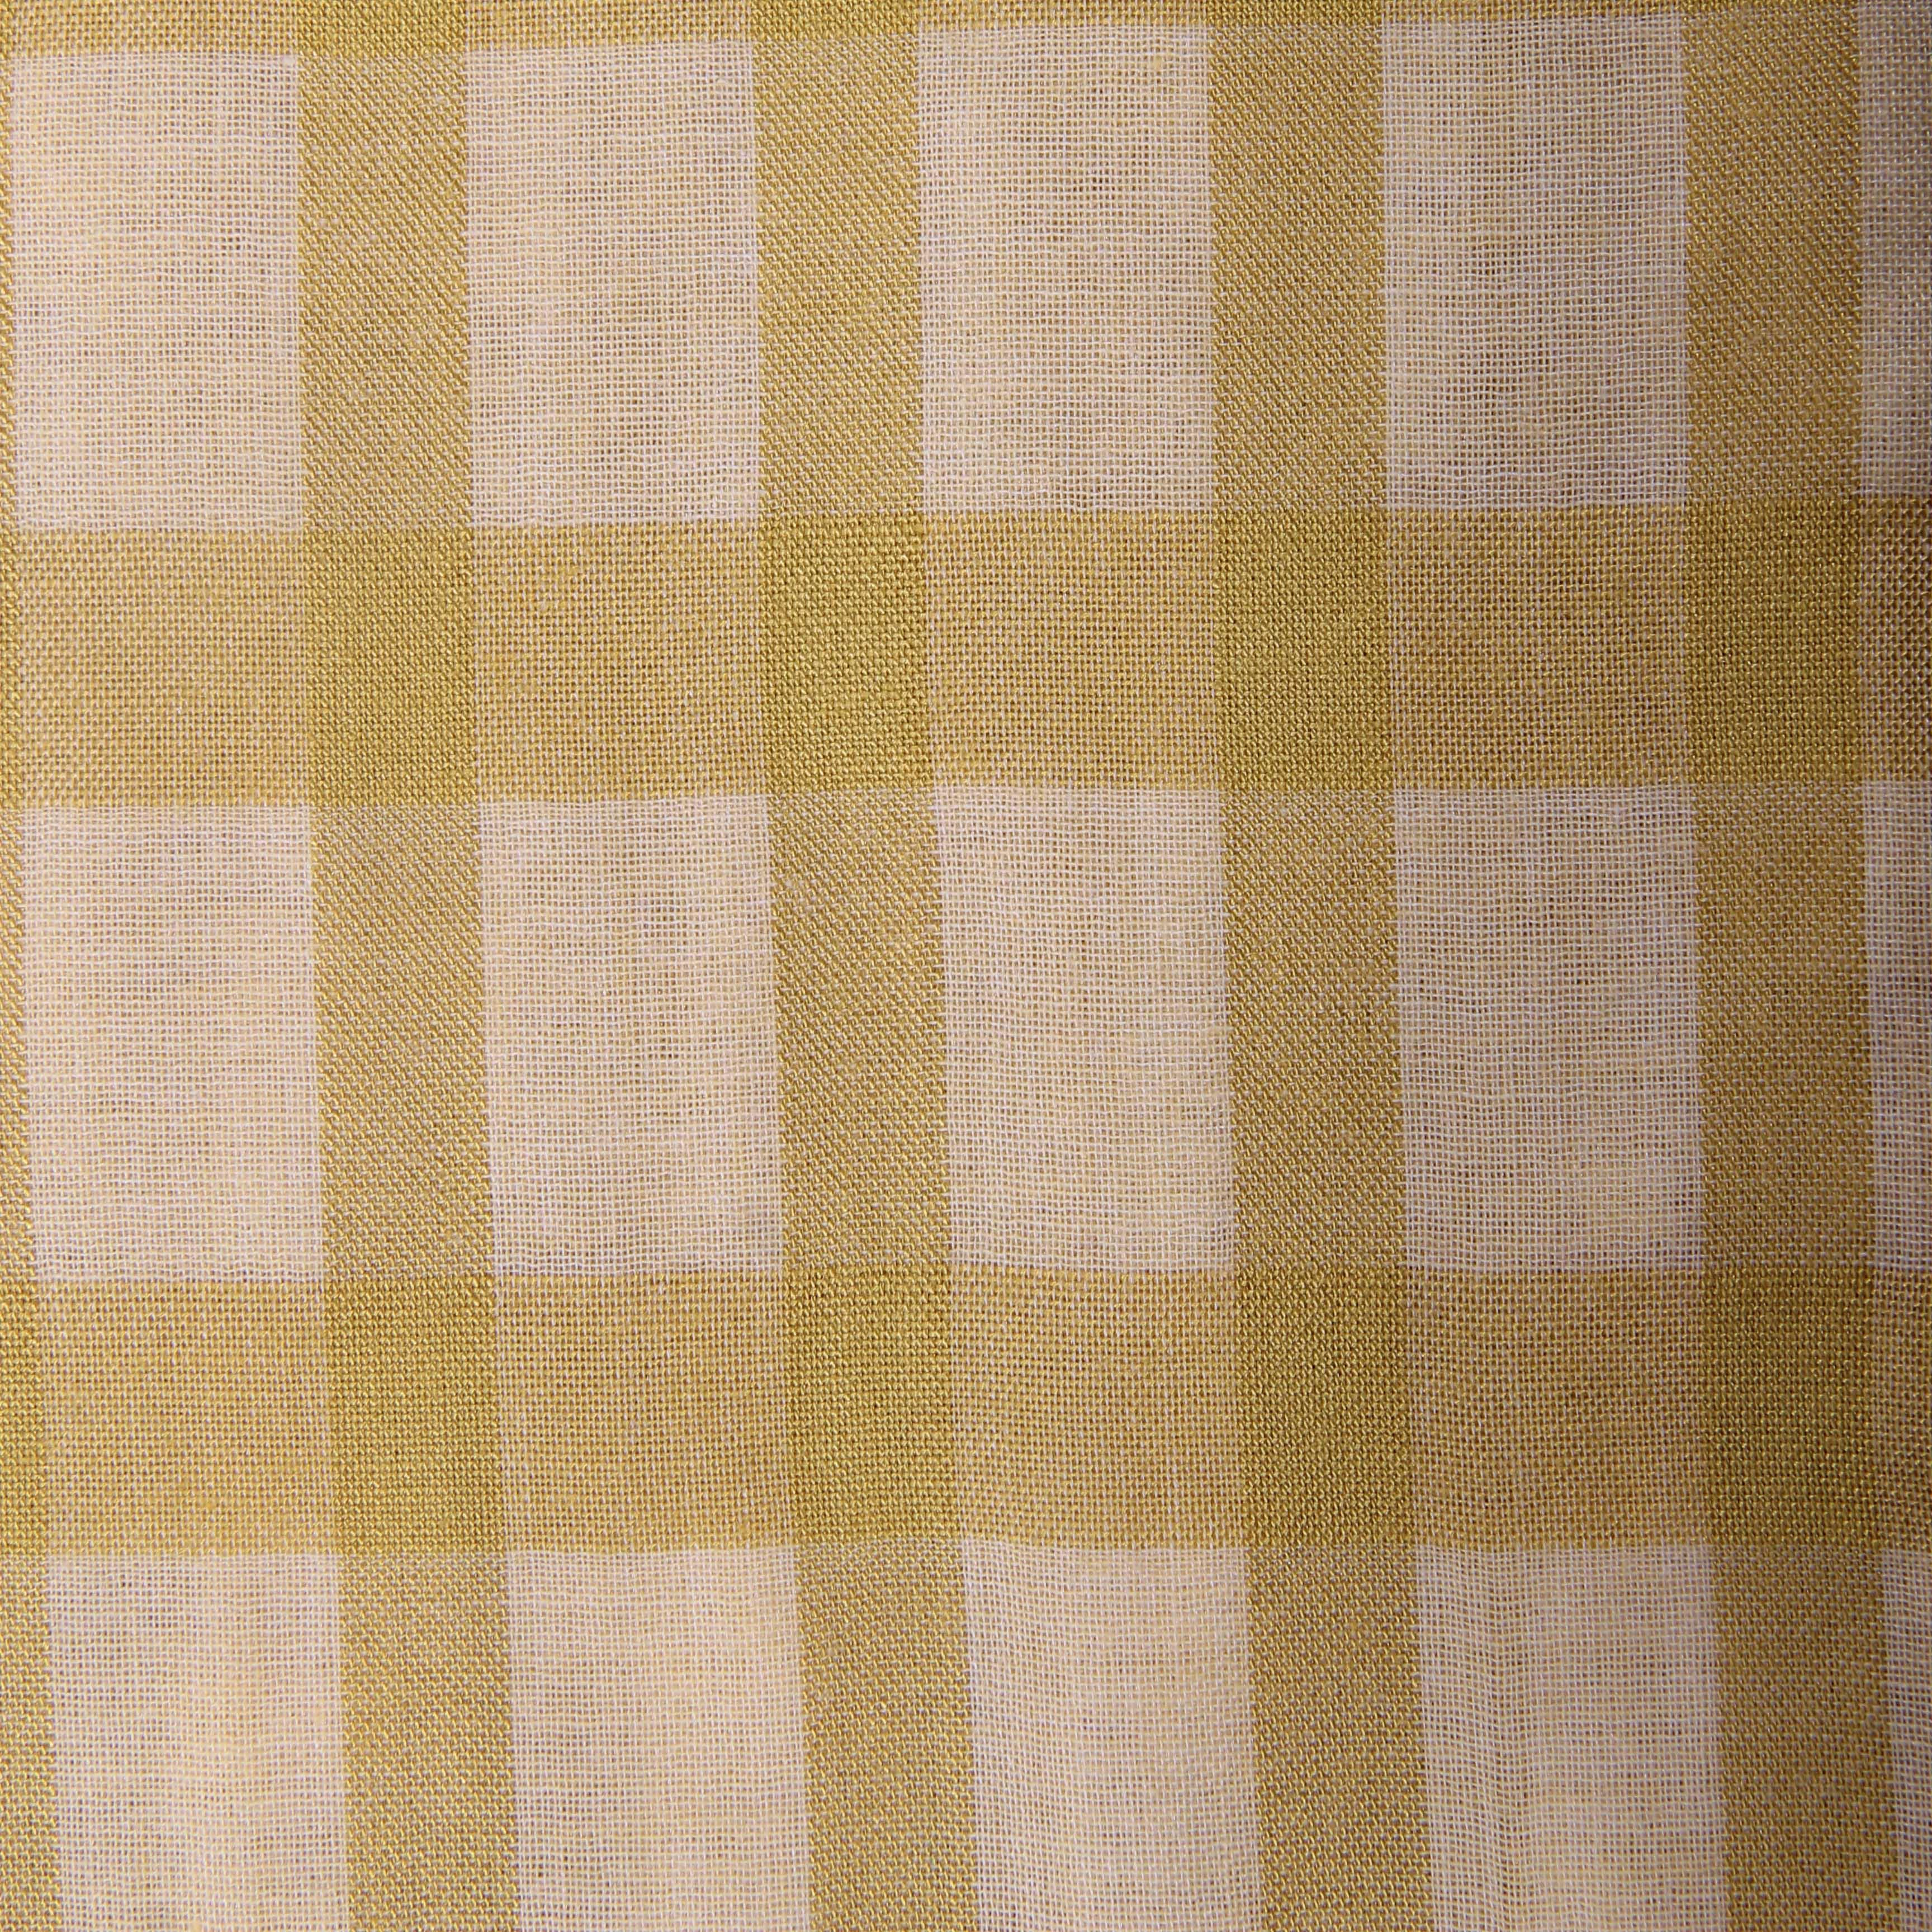 Вискозная хлопковая полиэфирная плетеная пряжа окрашенная в клетку пузырьковая ткань тканая ткань